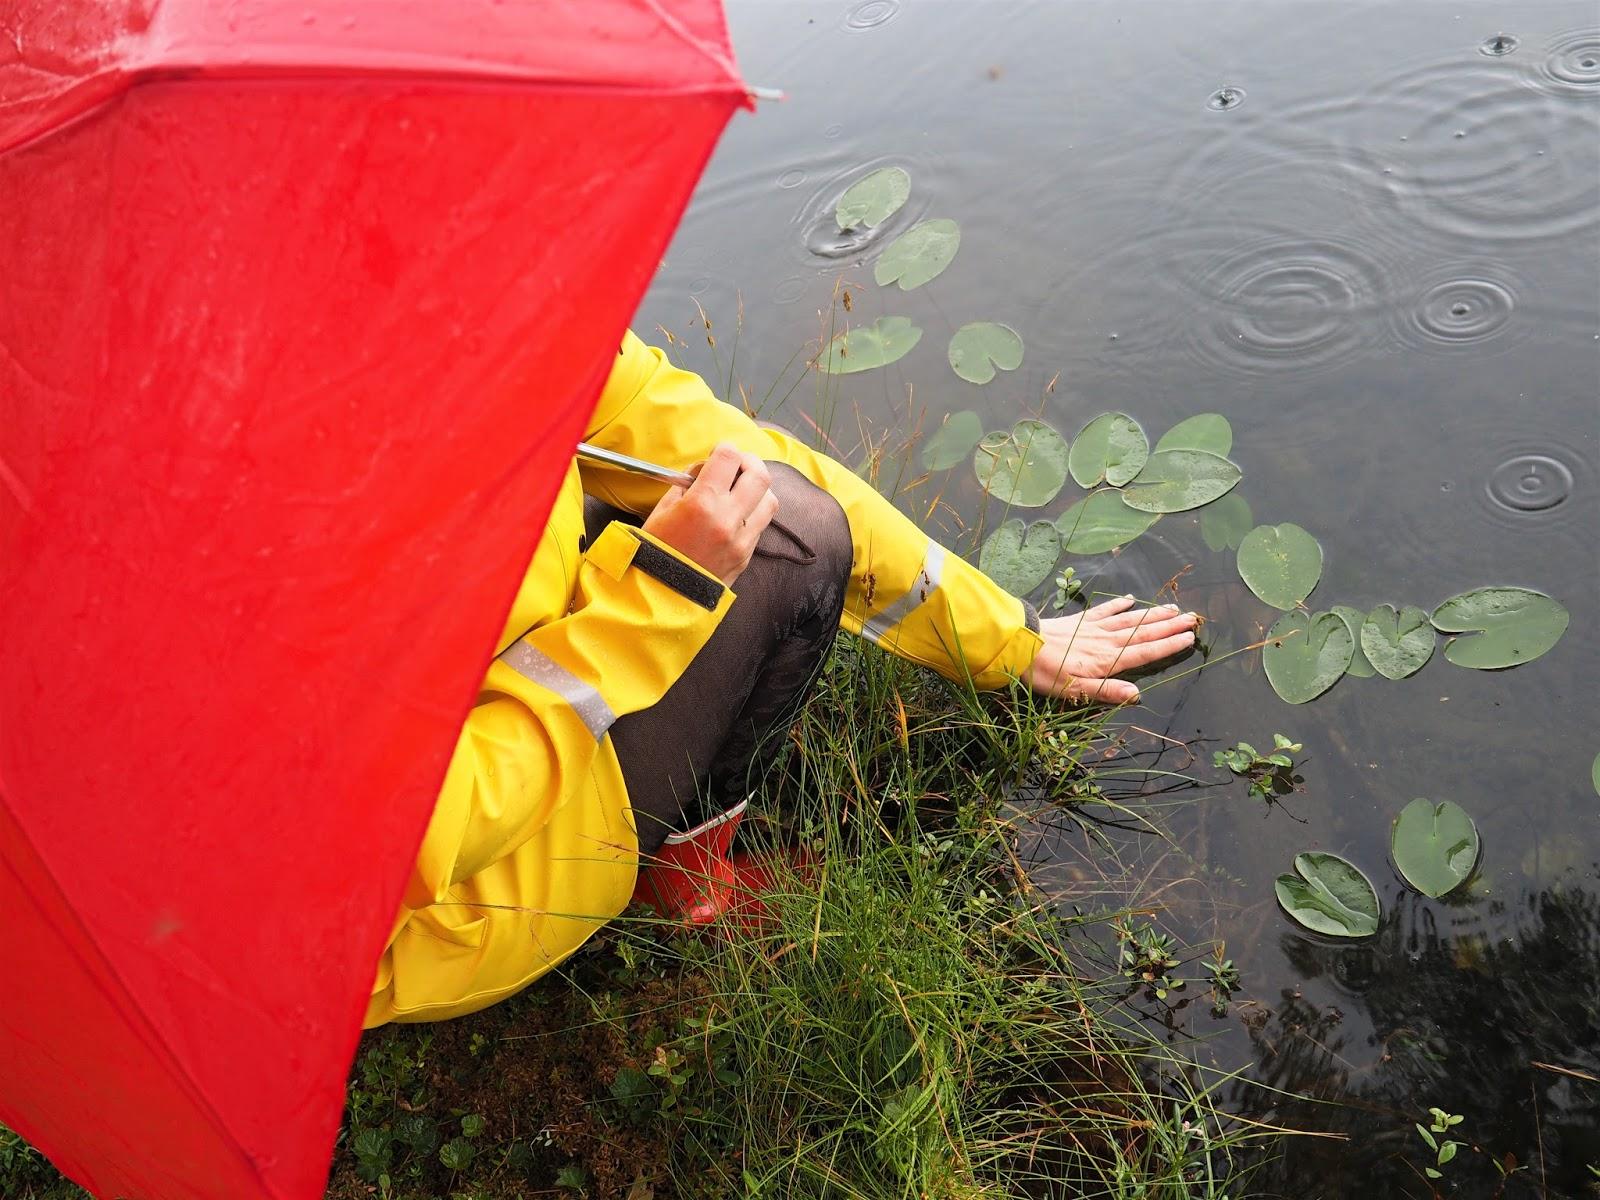 Sadekelin seikkailu lammella, punainen sateenvarjo, lumpeenkukkia, Fia Hollmén